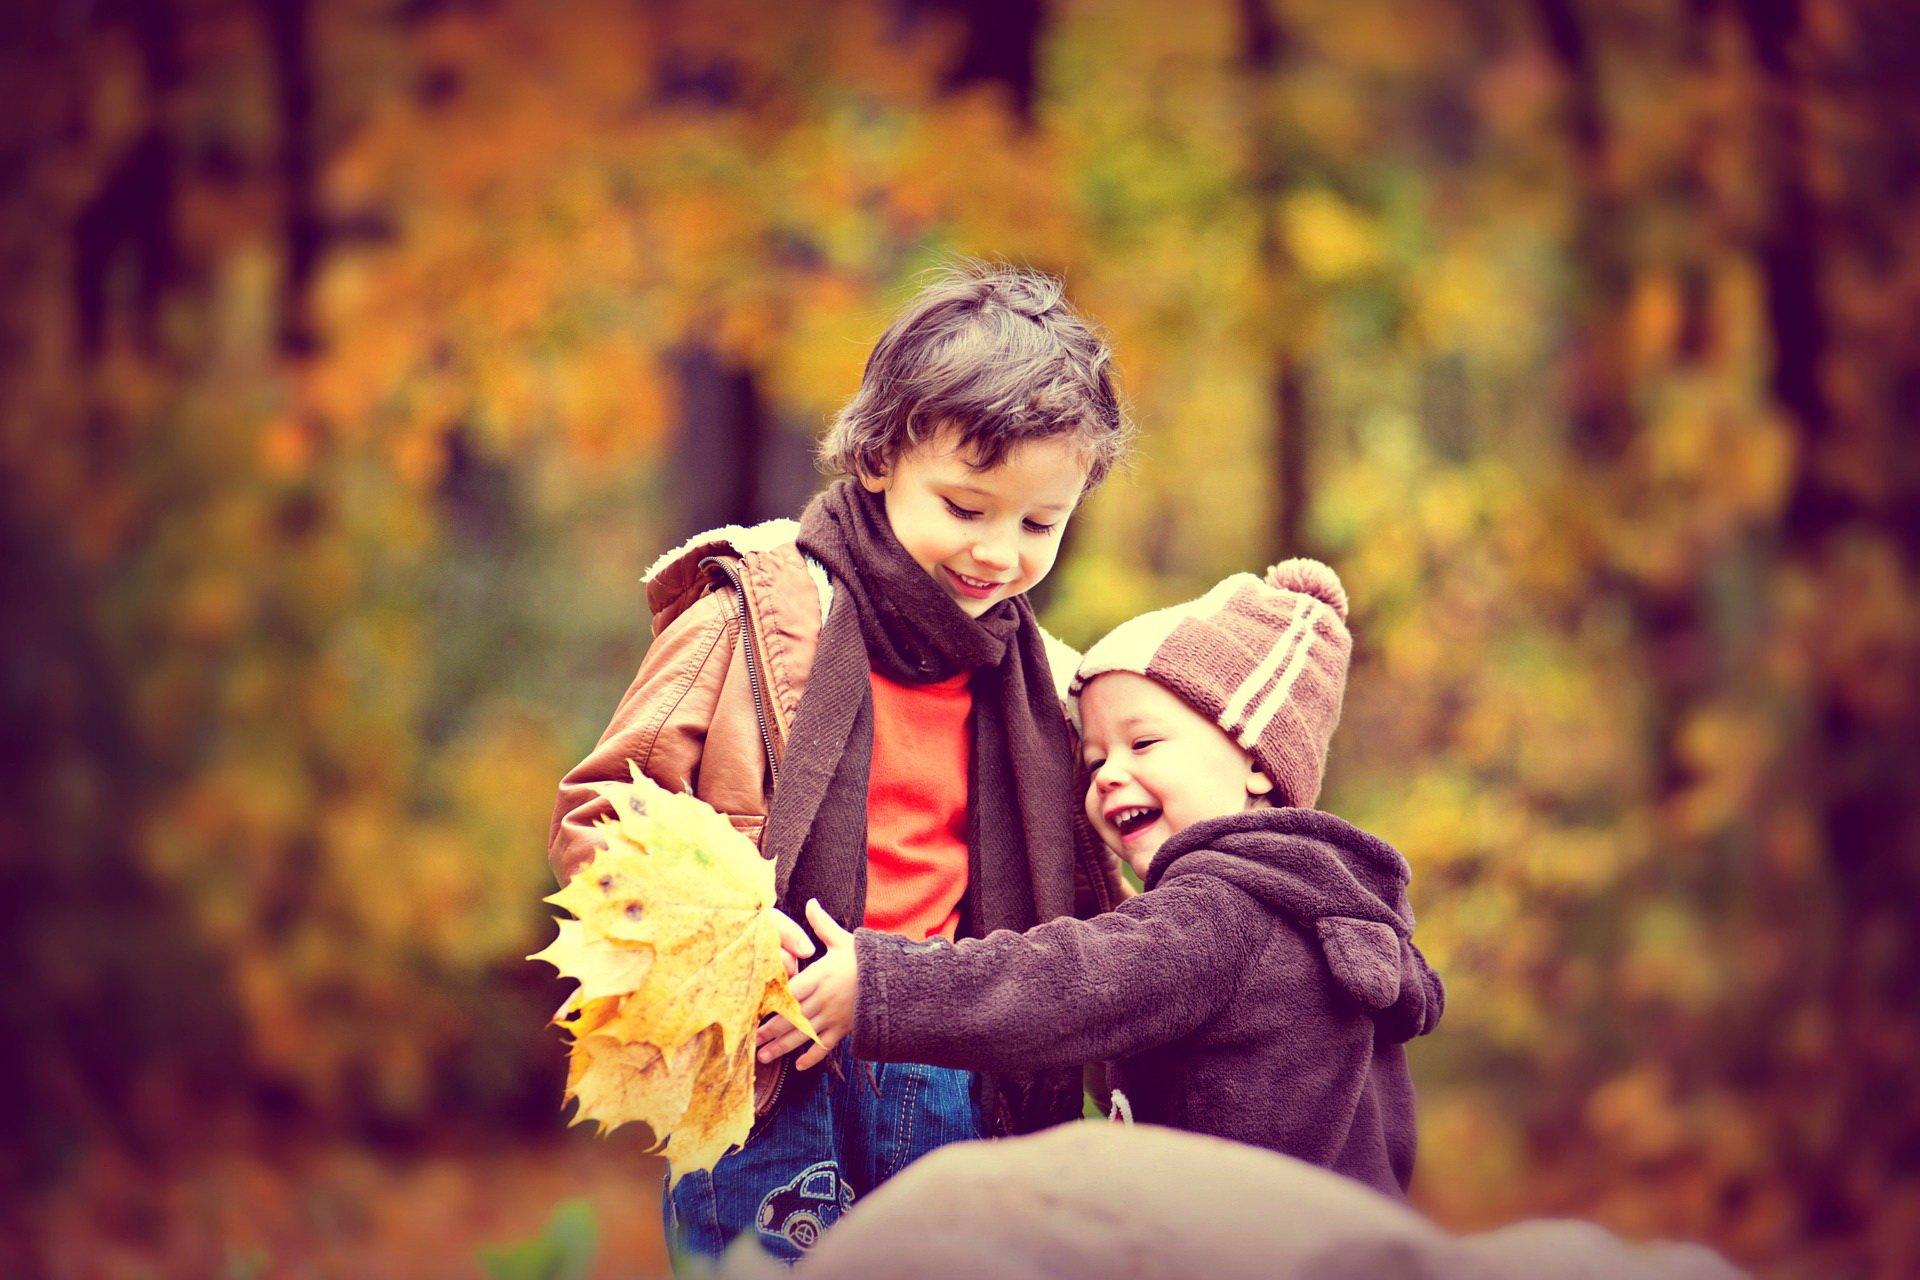 Zagadki o jesieni dla dzieci z odpowiedziami